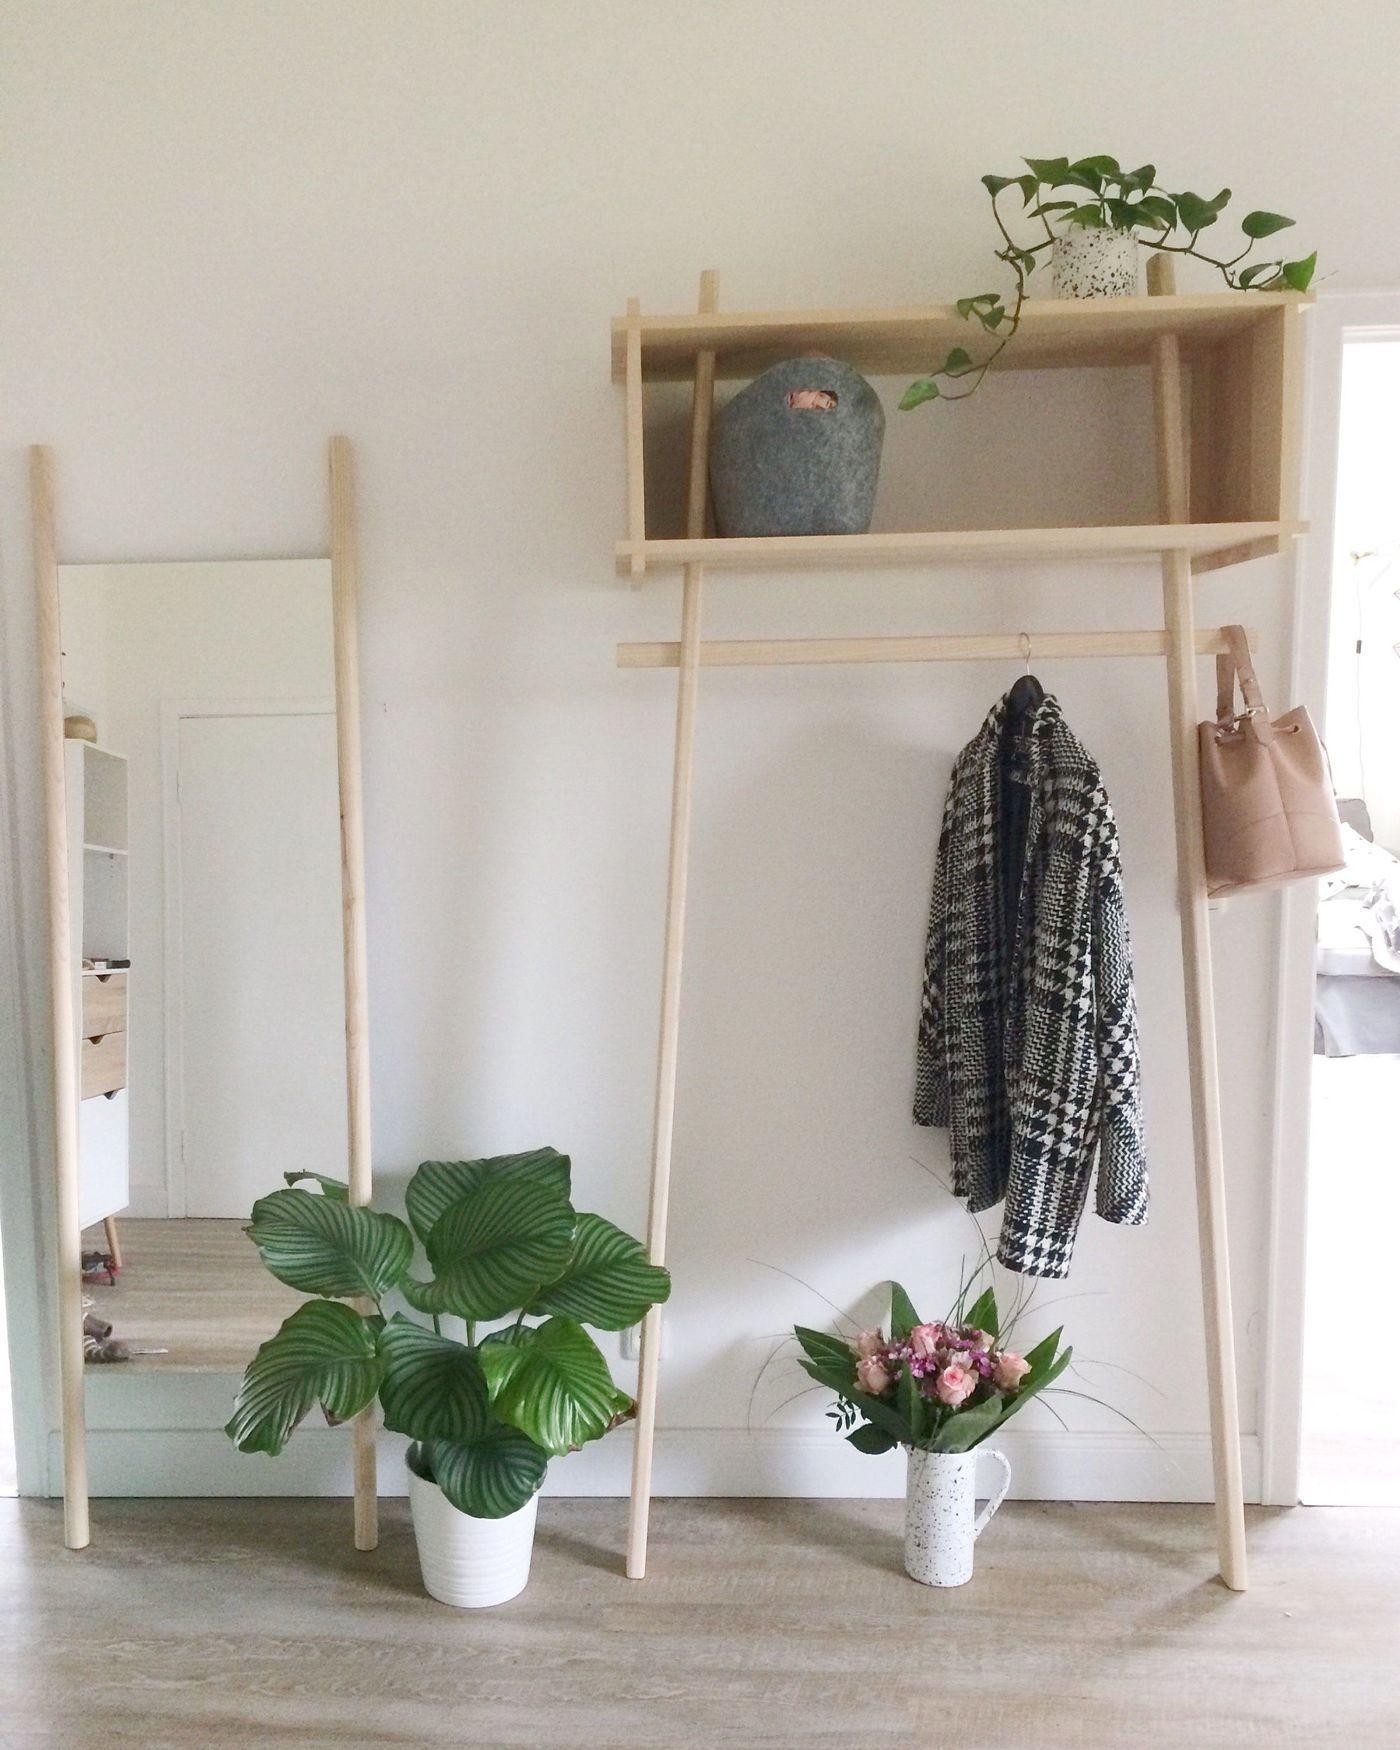 garderoben selber bauen die besten ideen und diy tipps seite 1. Black Bedroom Furniture Sets. Home Design Ideas